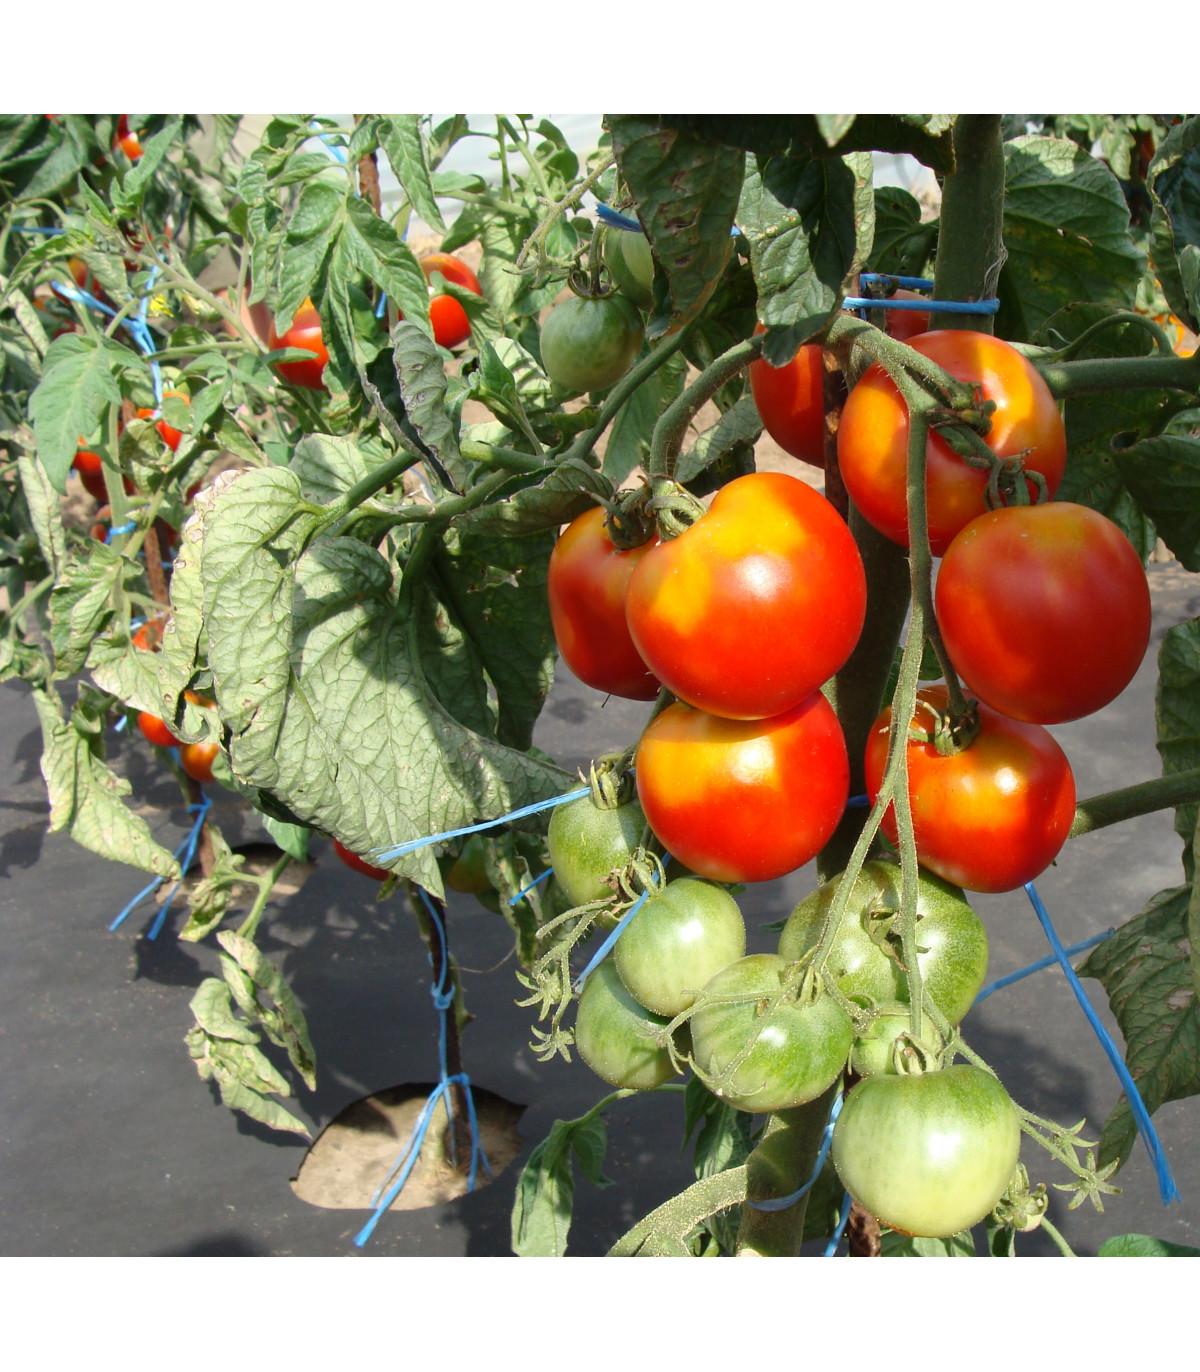 Rajče stupické polní rané - Lycopersicon Lycopersicum - osivo rajčat - 35 ks